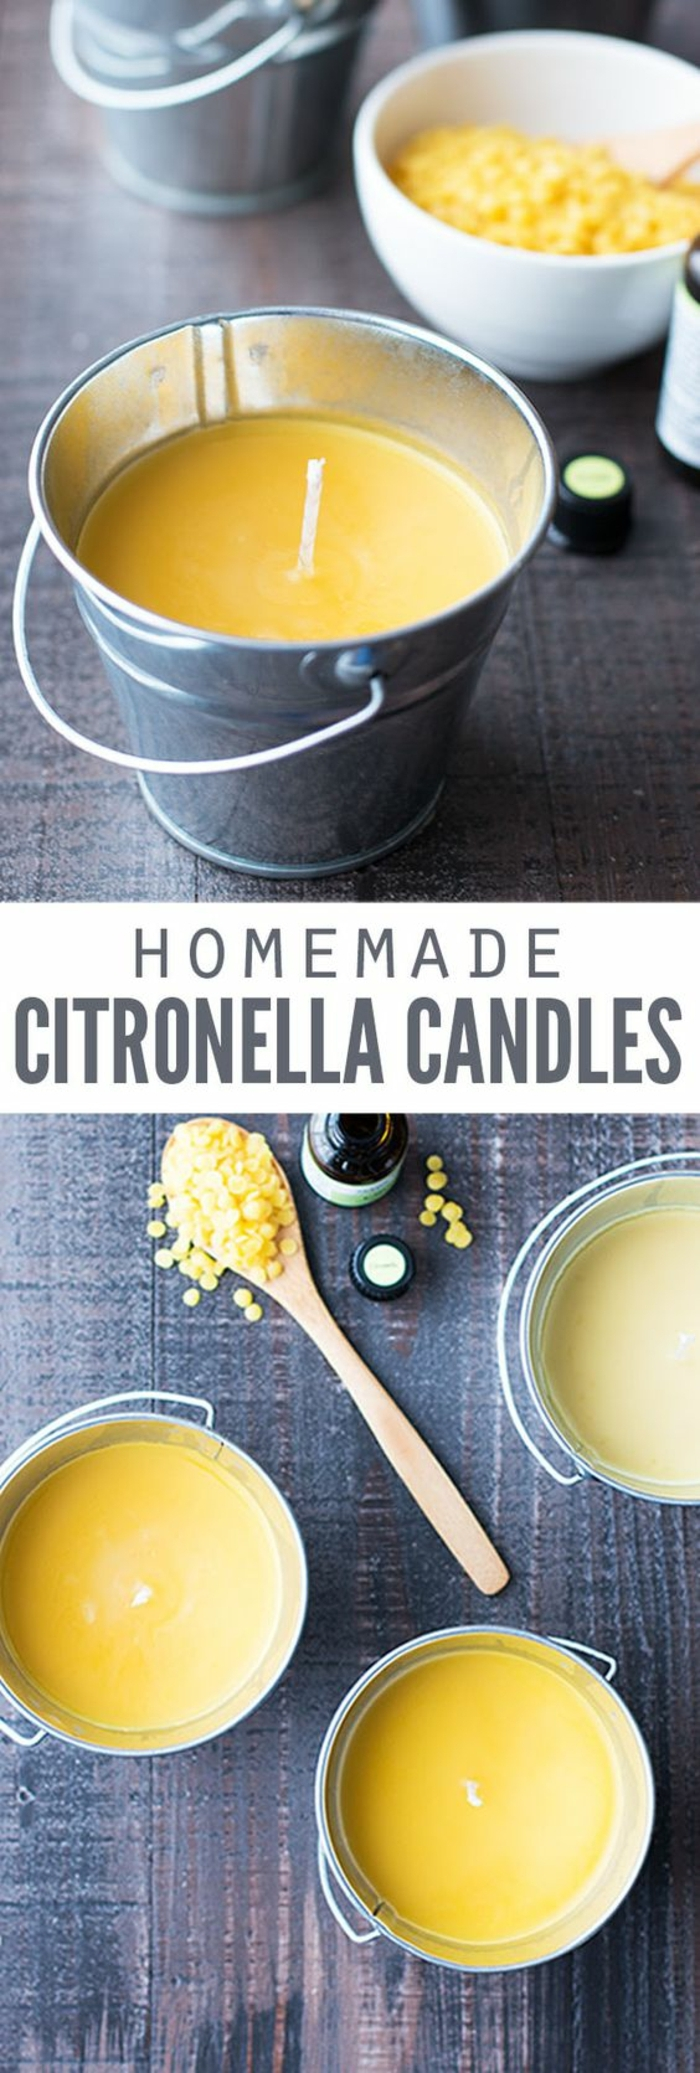 Come fare candele artistiche, una candela in secchio con cera di colore giallo al profumo di limone